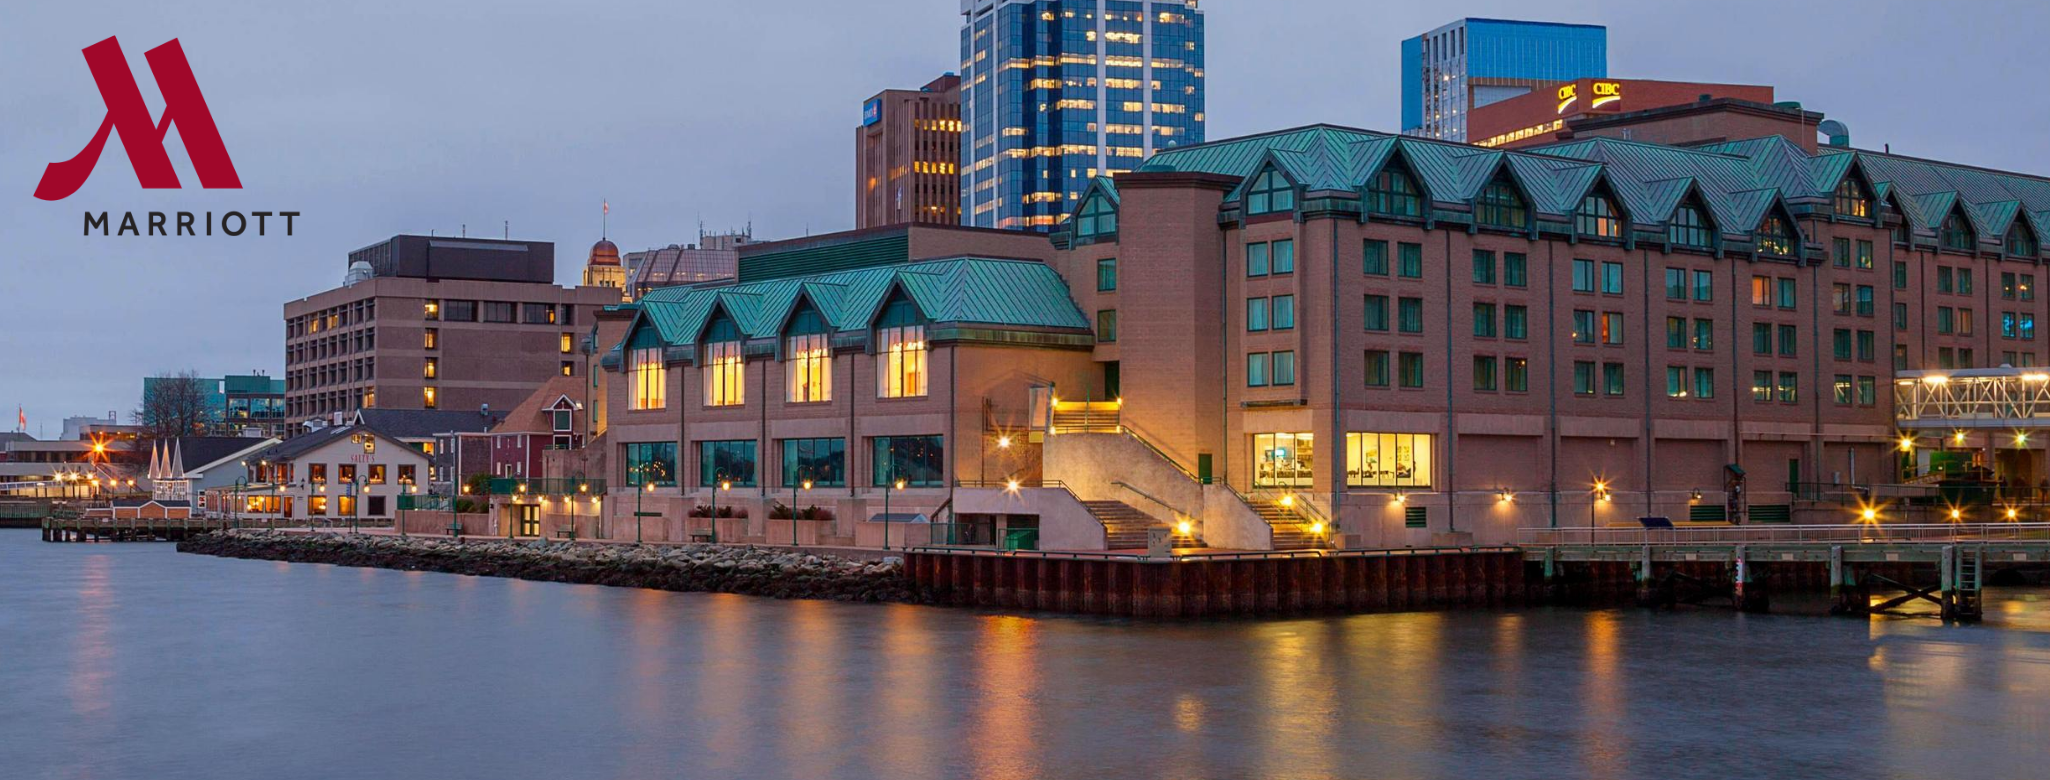 halifax marriott hotel